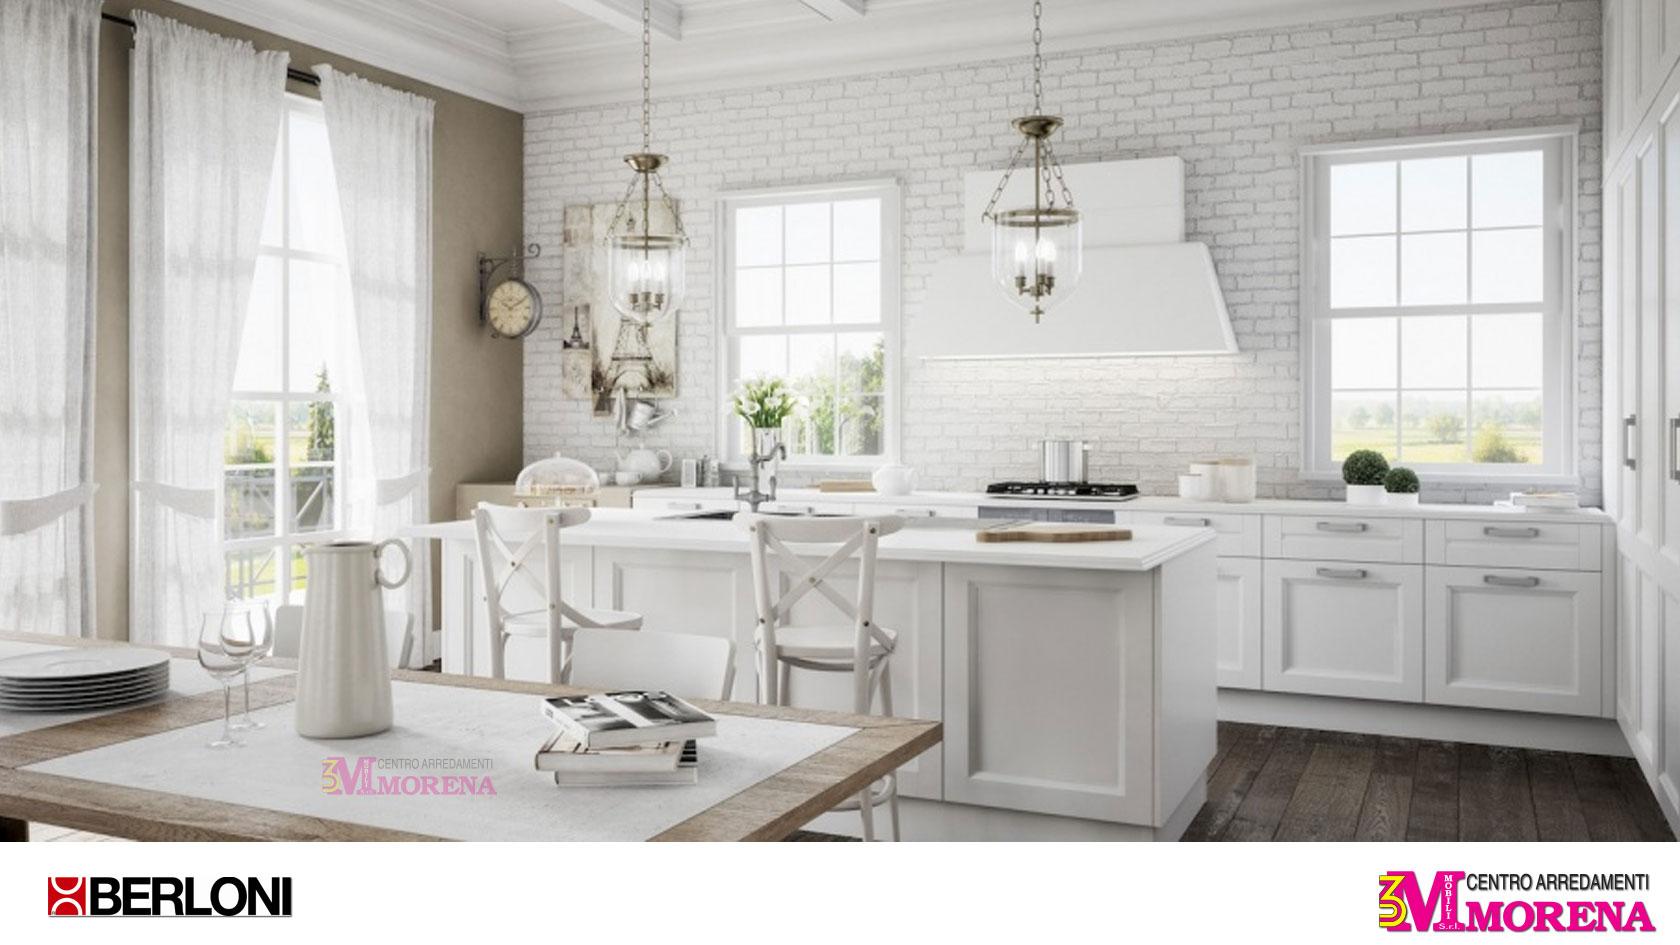 Cucina Azalea Berloni ~ Ispirazione Interior Design & Idee Mobili